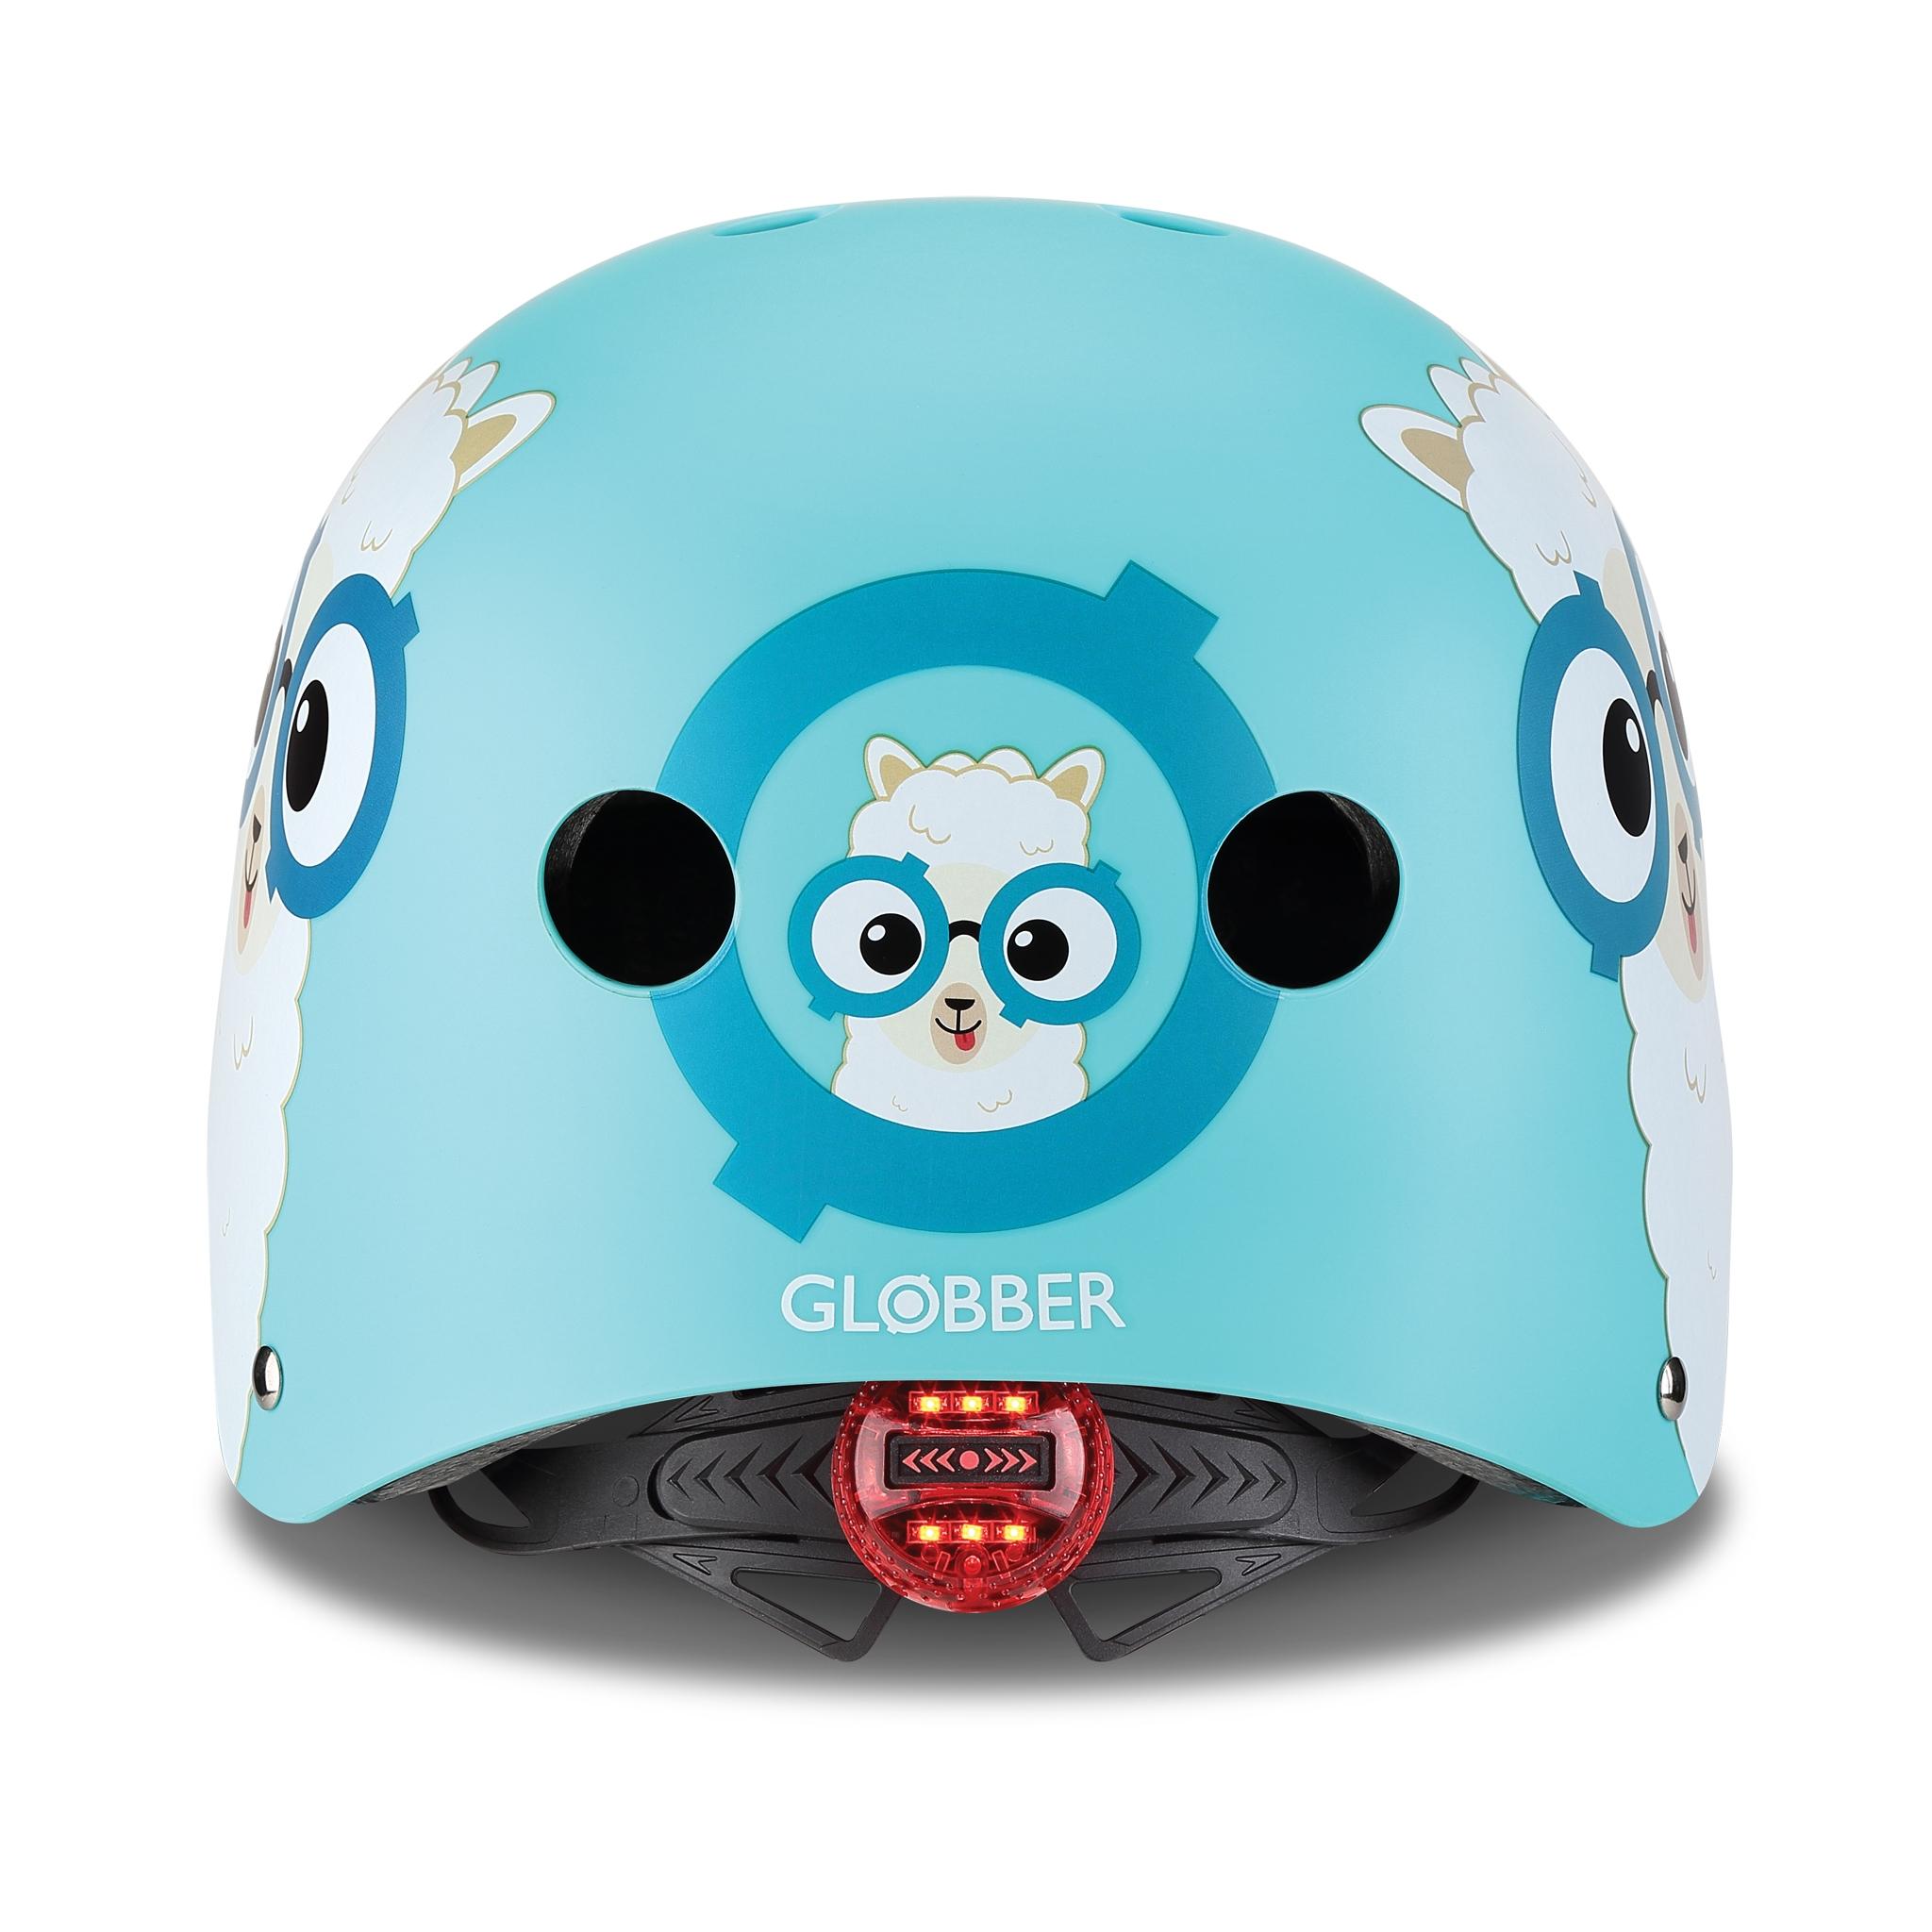 ELITE-helmets-scooter-helmets-for-kids-with-LED-lights-safe-helmet-for-kids-blue 1